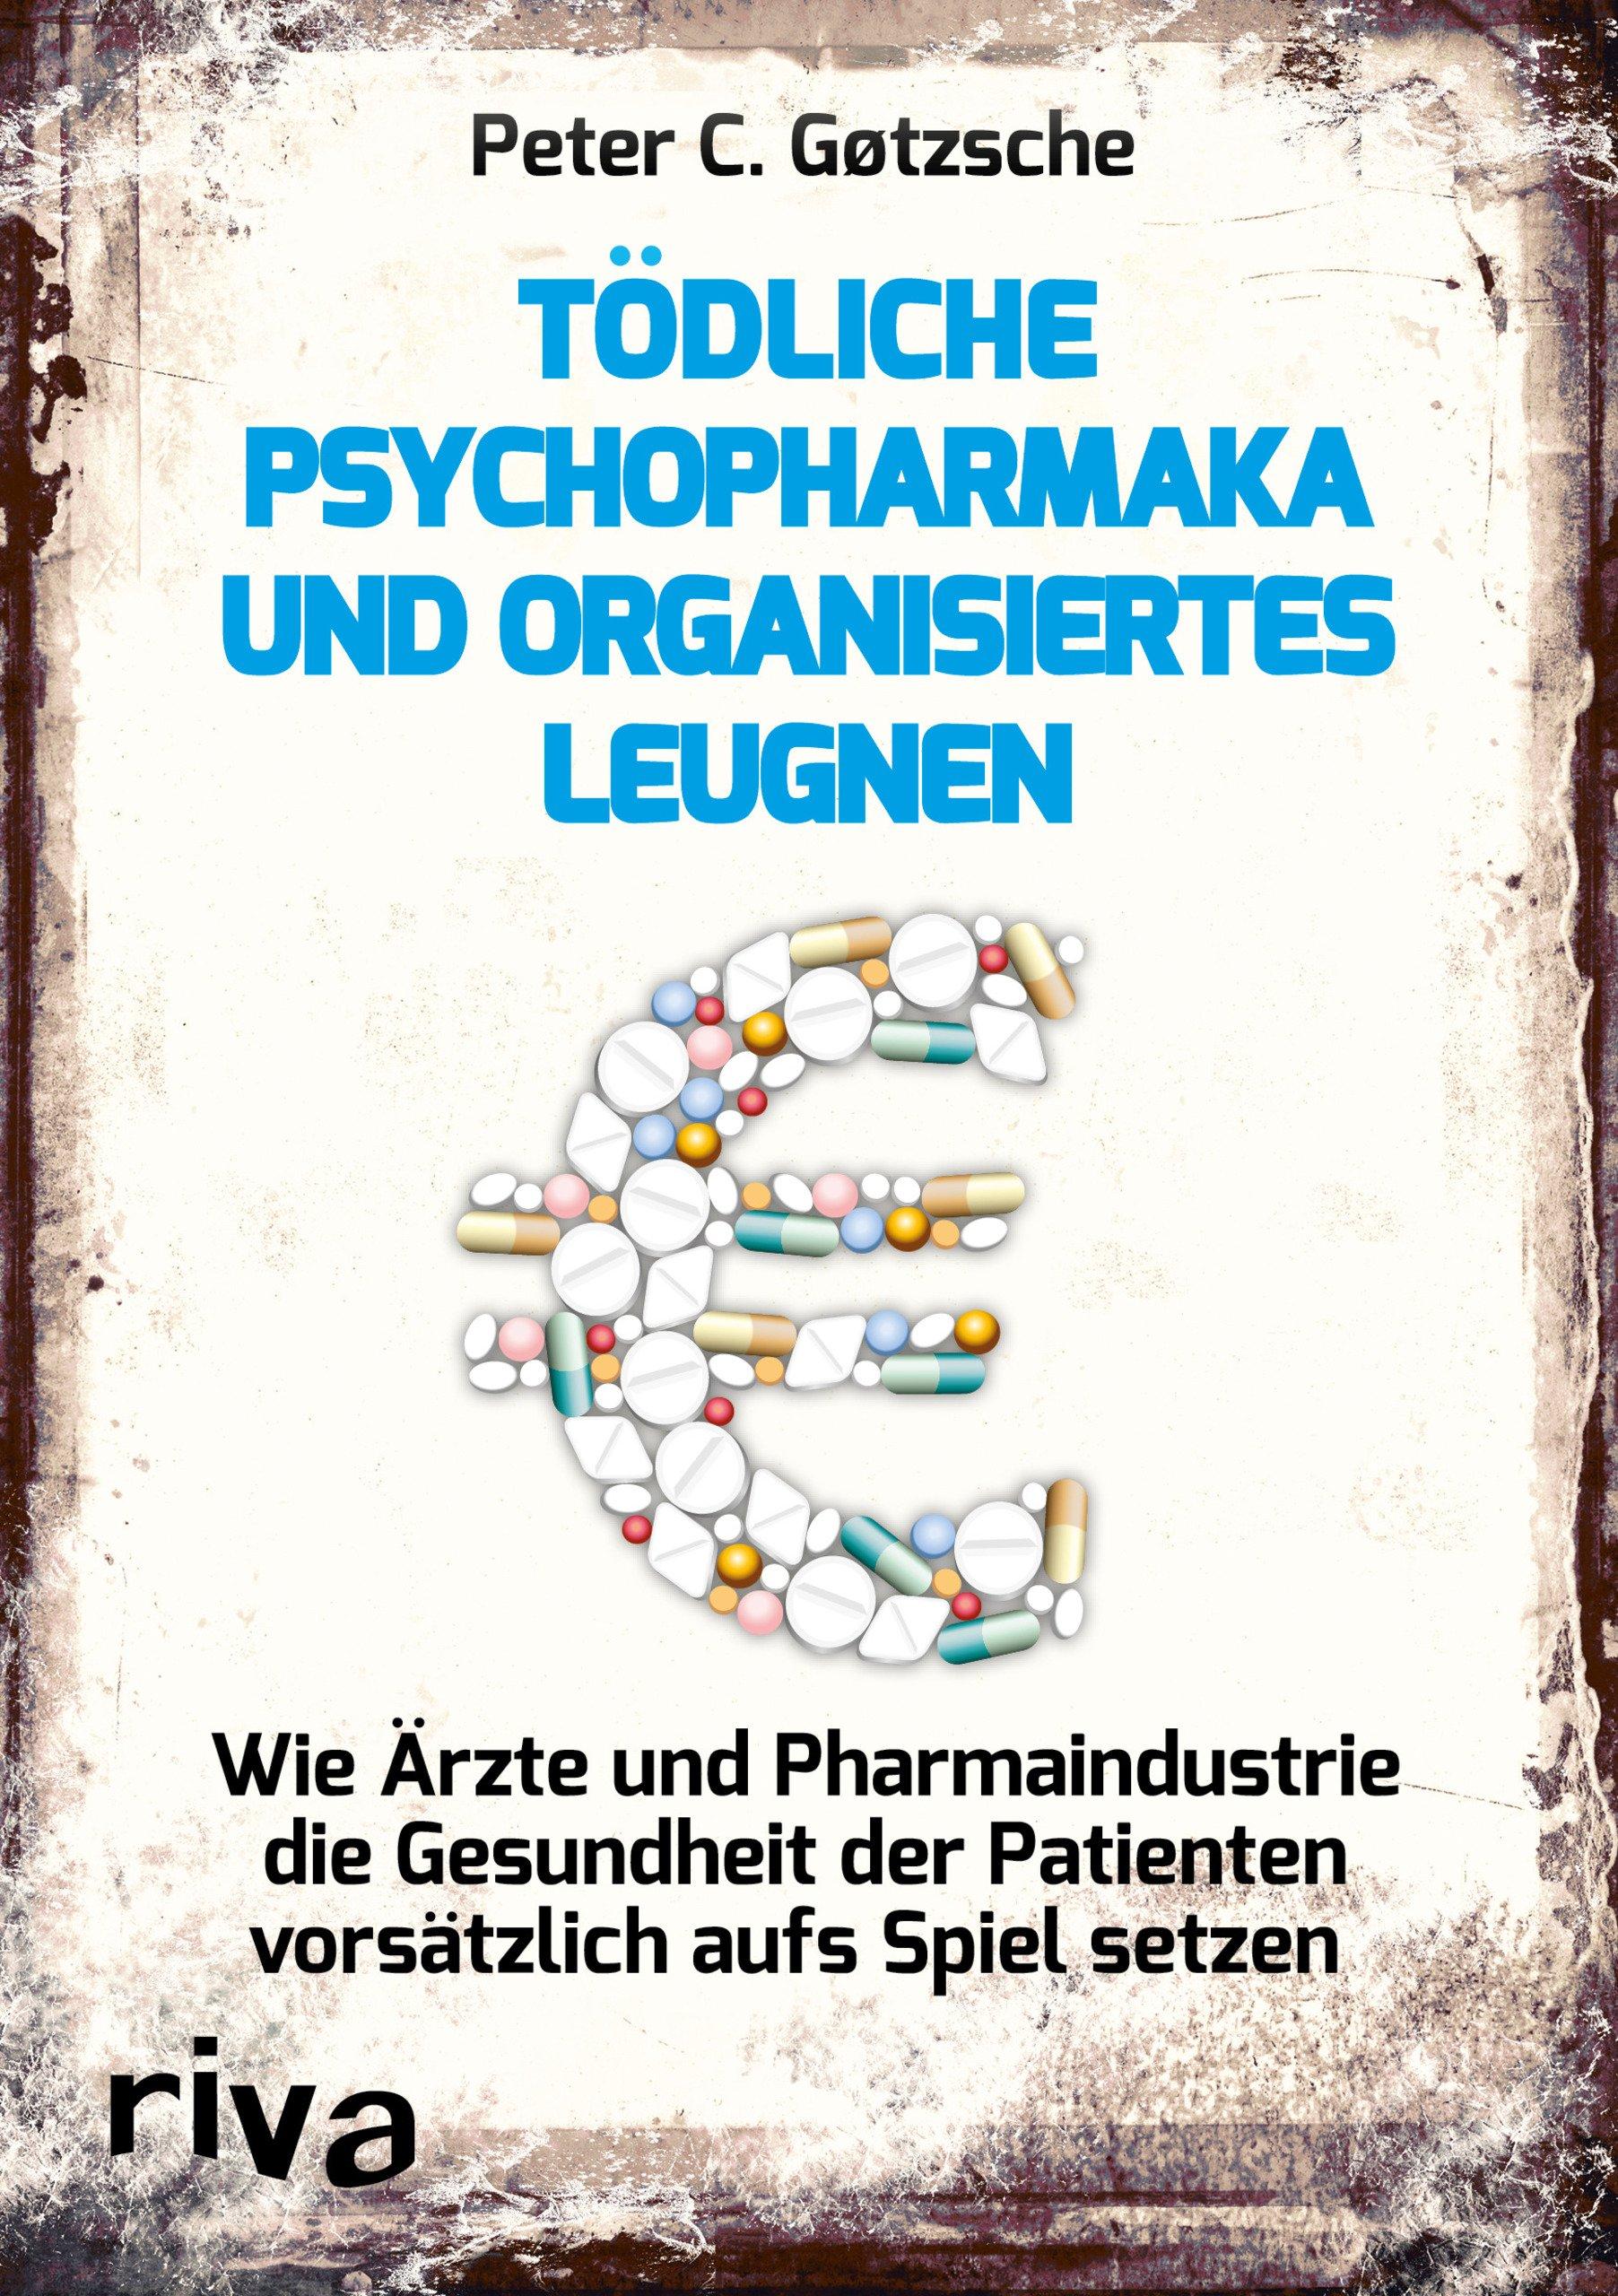 T�dliche Psychopharmaka Undanisiertes Leugnen: Wie Ärzte Und  Pharmaindustrie Die Gesundheit Der Patienten Vors�tzlich Aufs